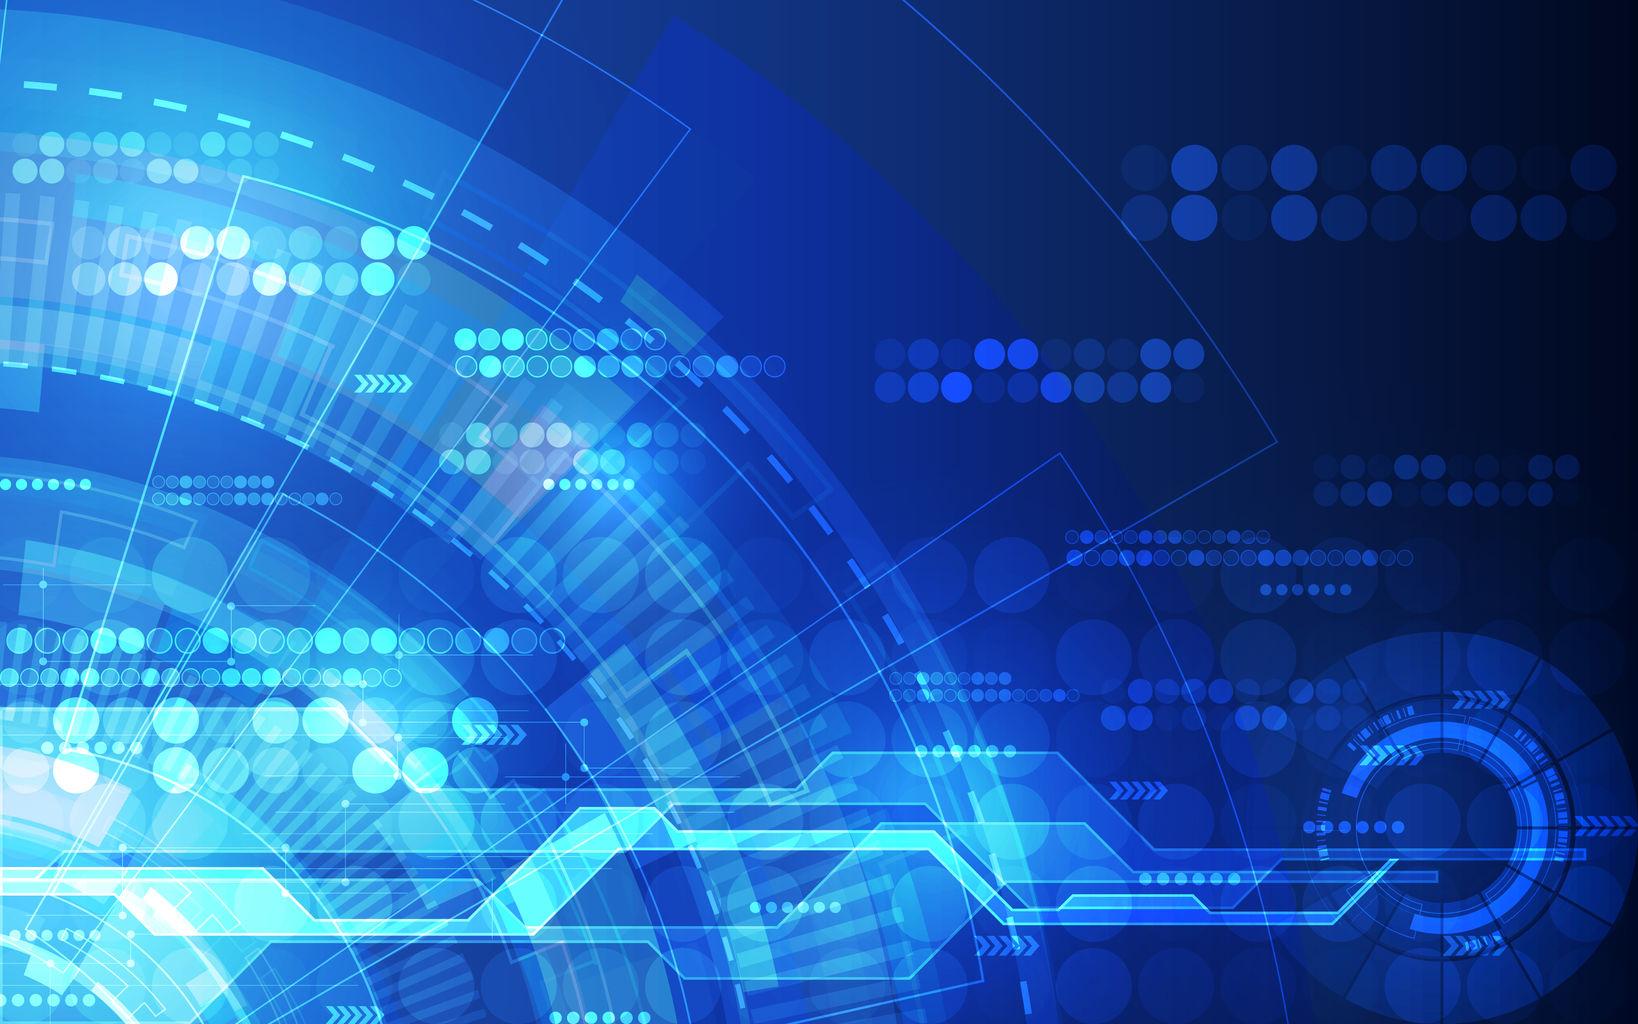 科创板实施方案获批 着力支持关键核心技术创新